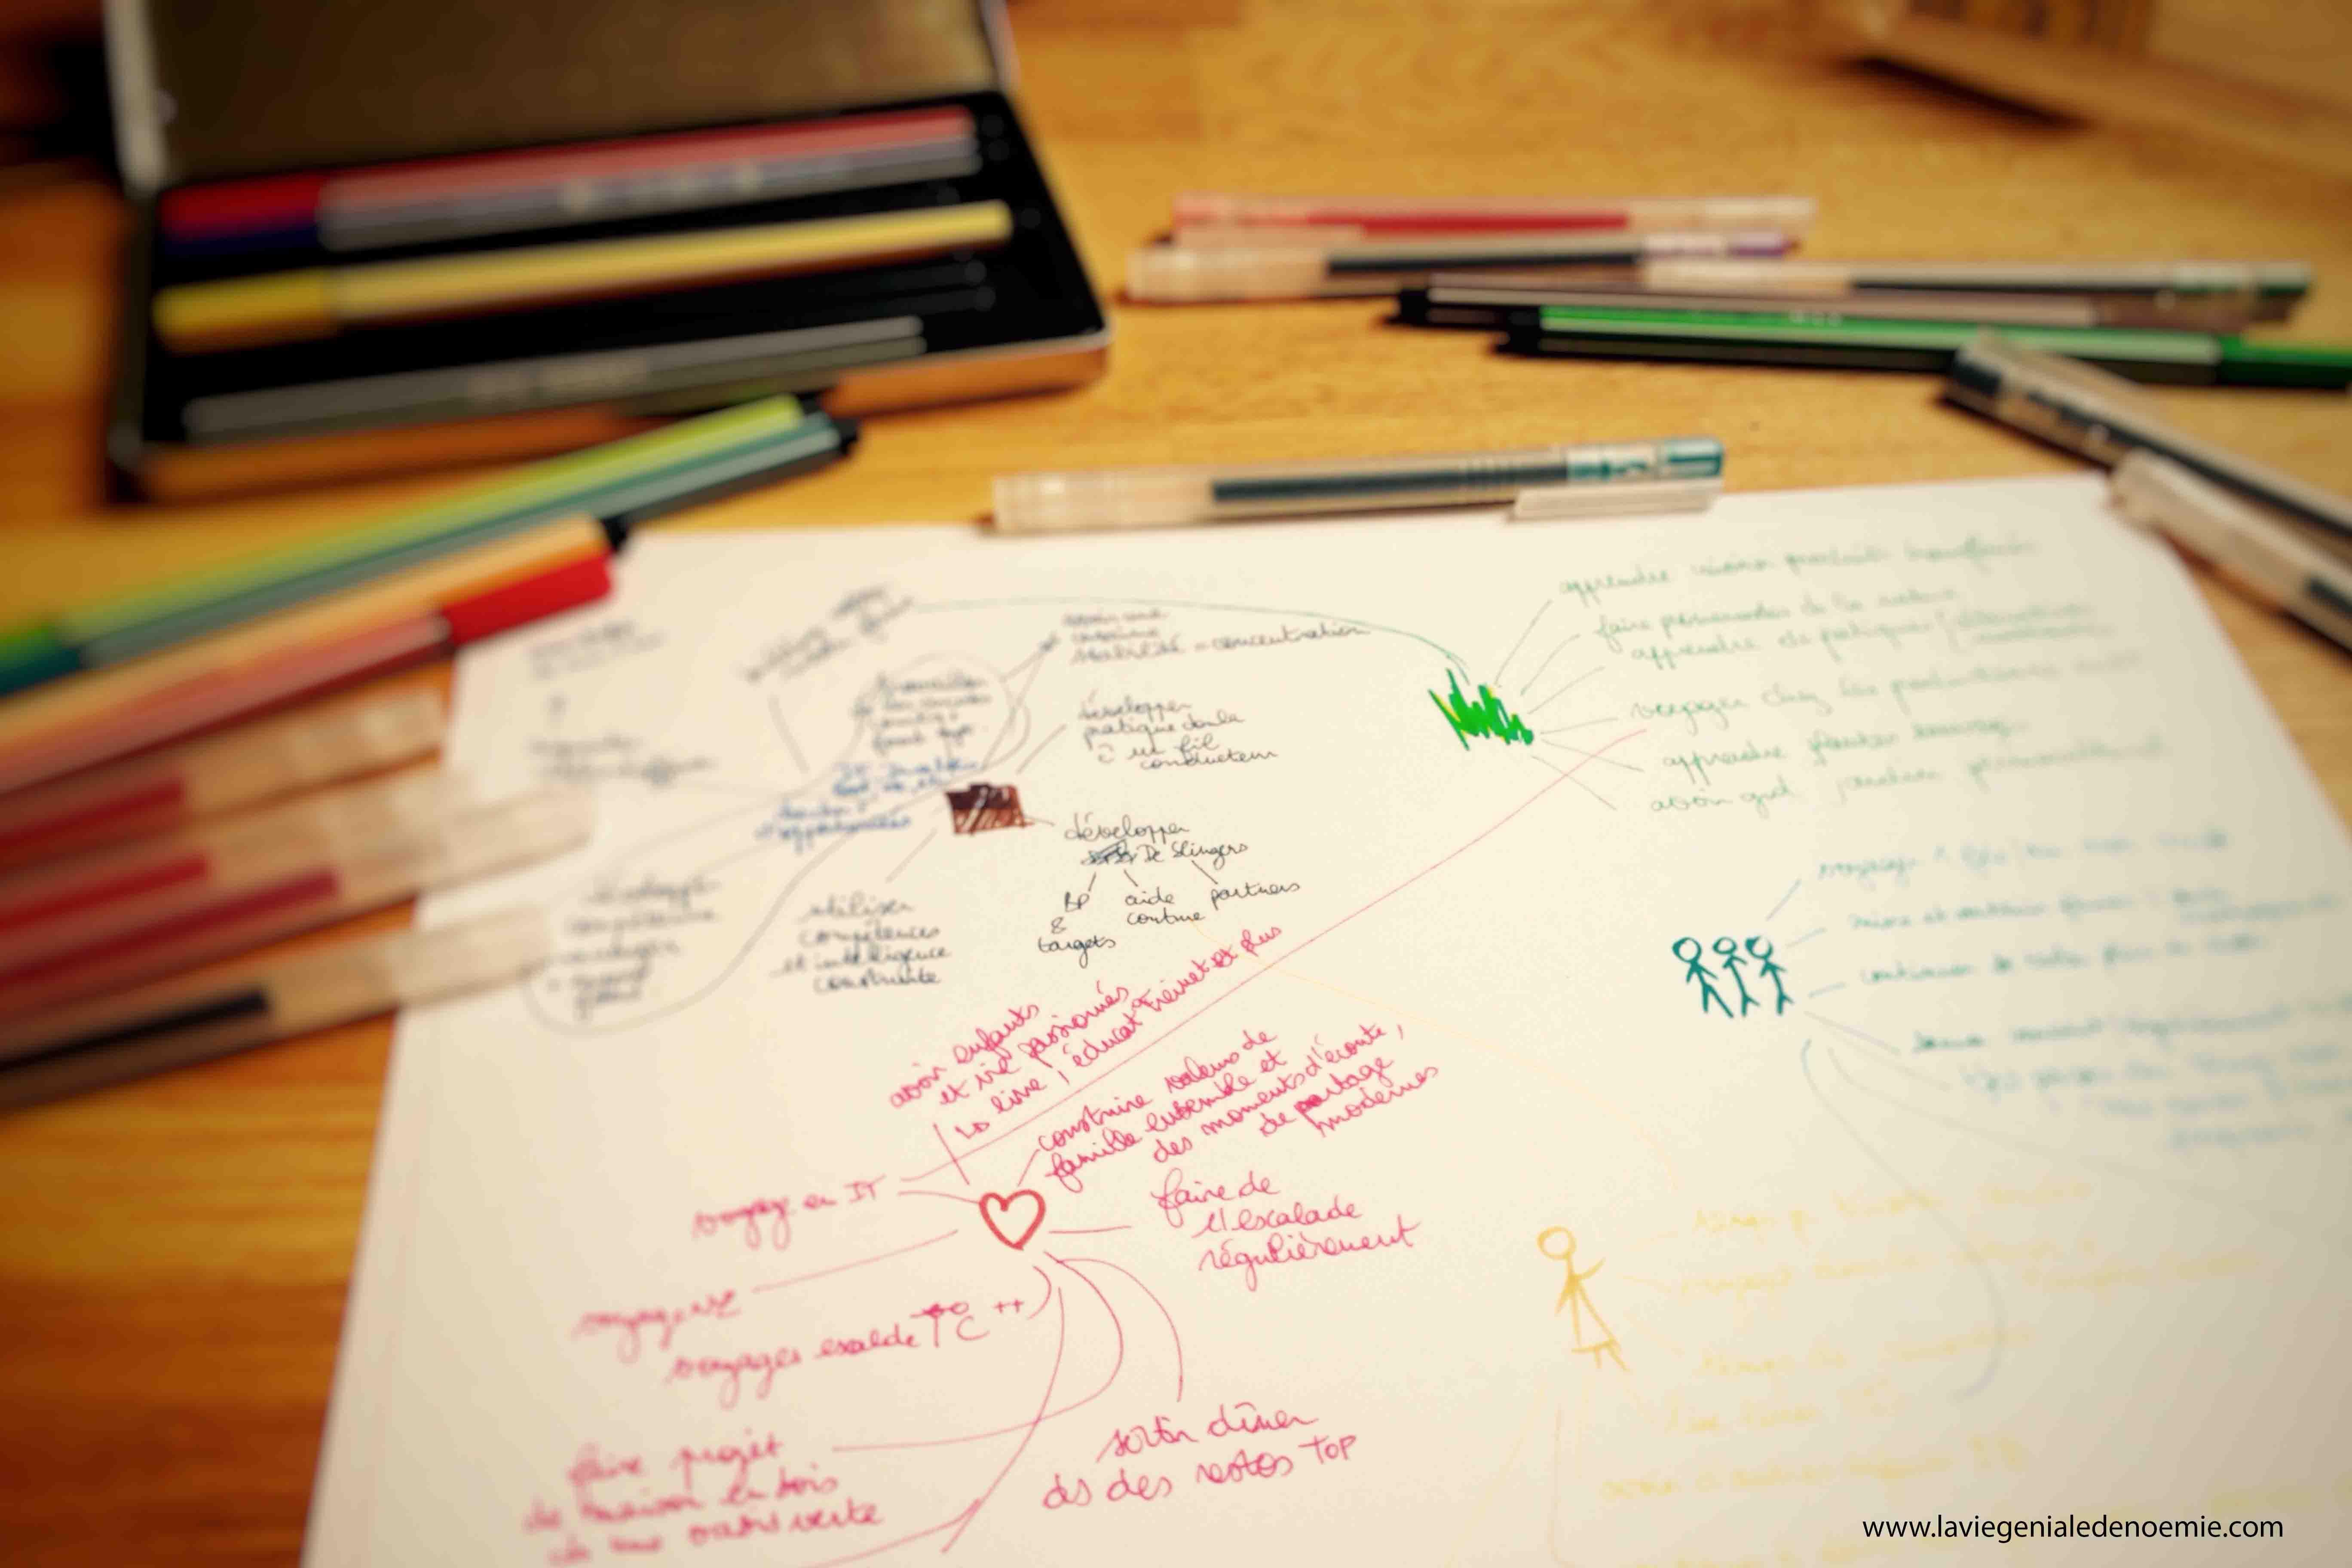 Comment relier objectifs de vie et tâches quotidiennes